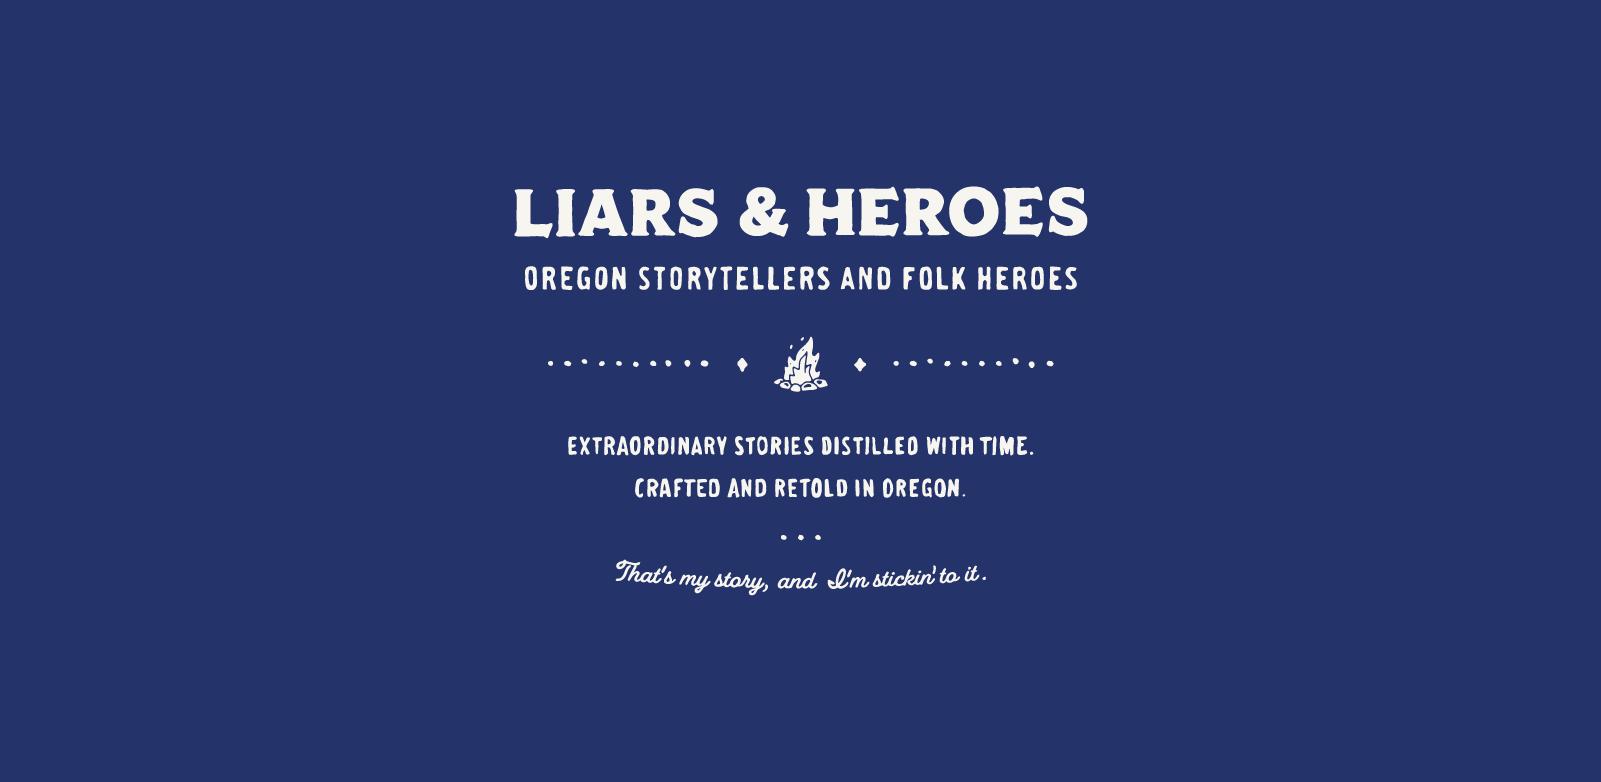 LukeAcevedo_Liars&Heroes1.png